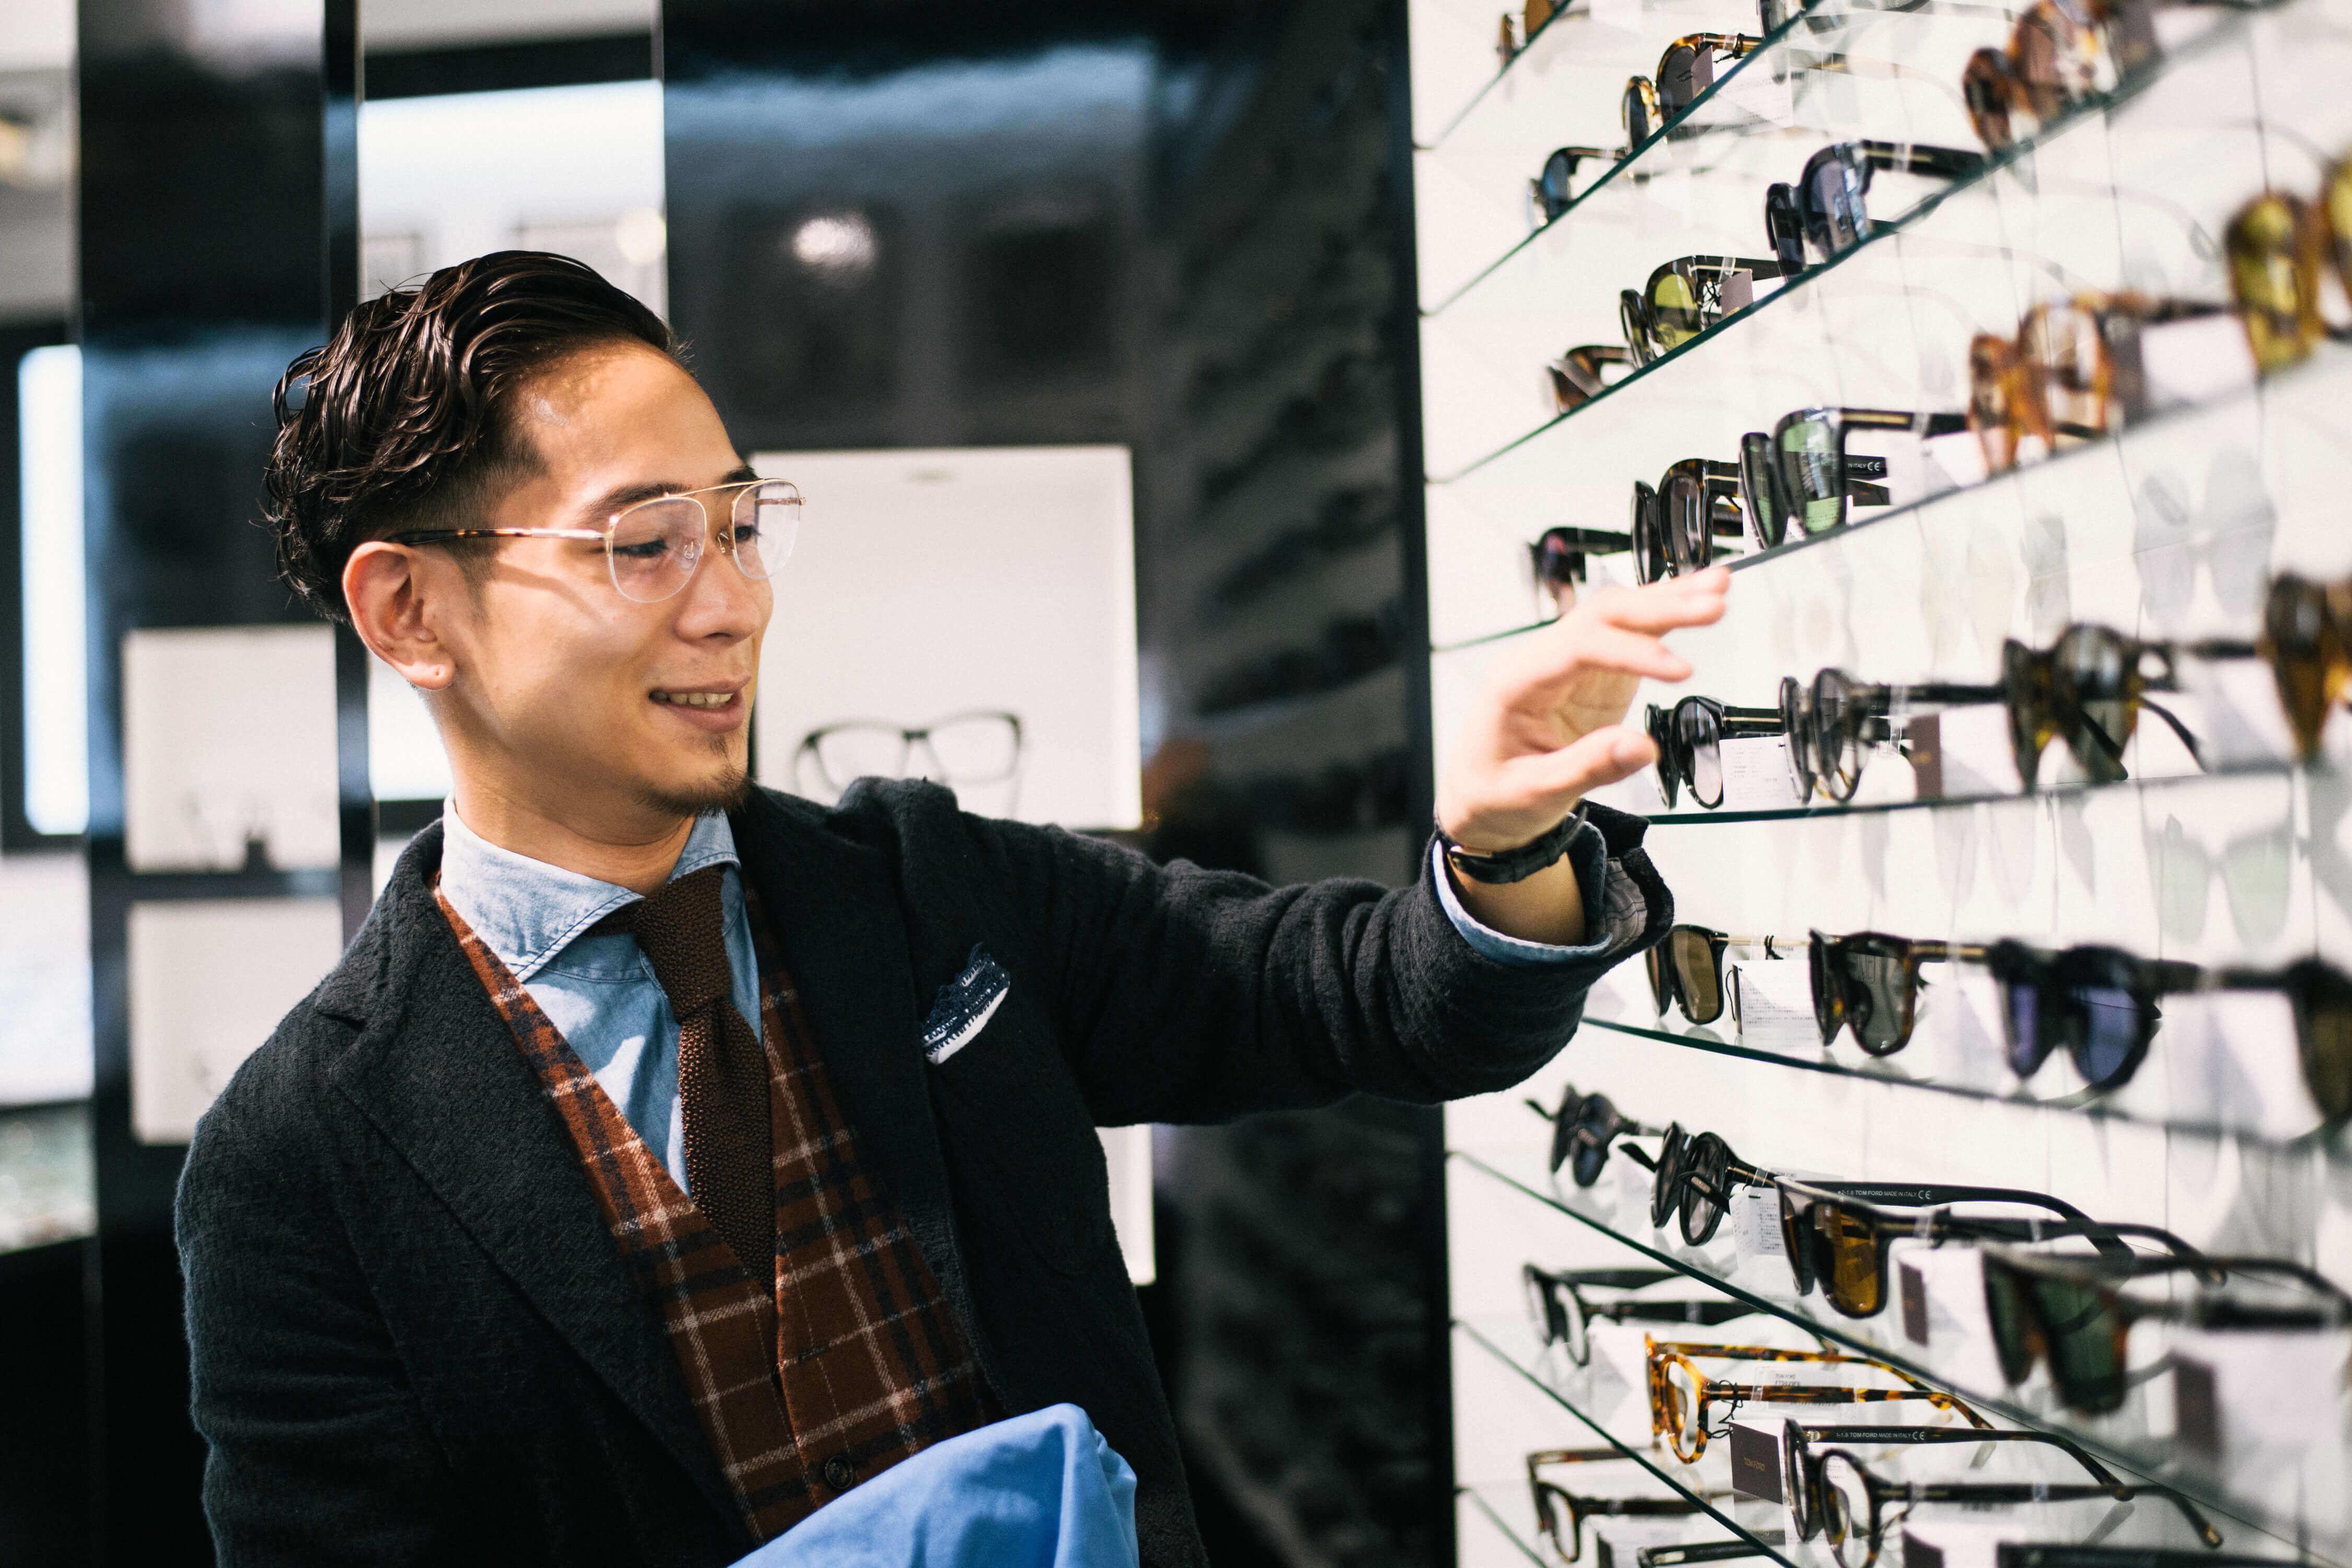 新店OPEN!!業務拡大につきオープニングスタッフ募集‼東京EYESTYLEのカバー写真